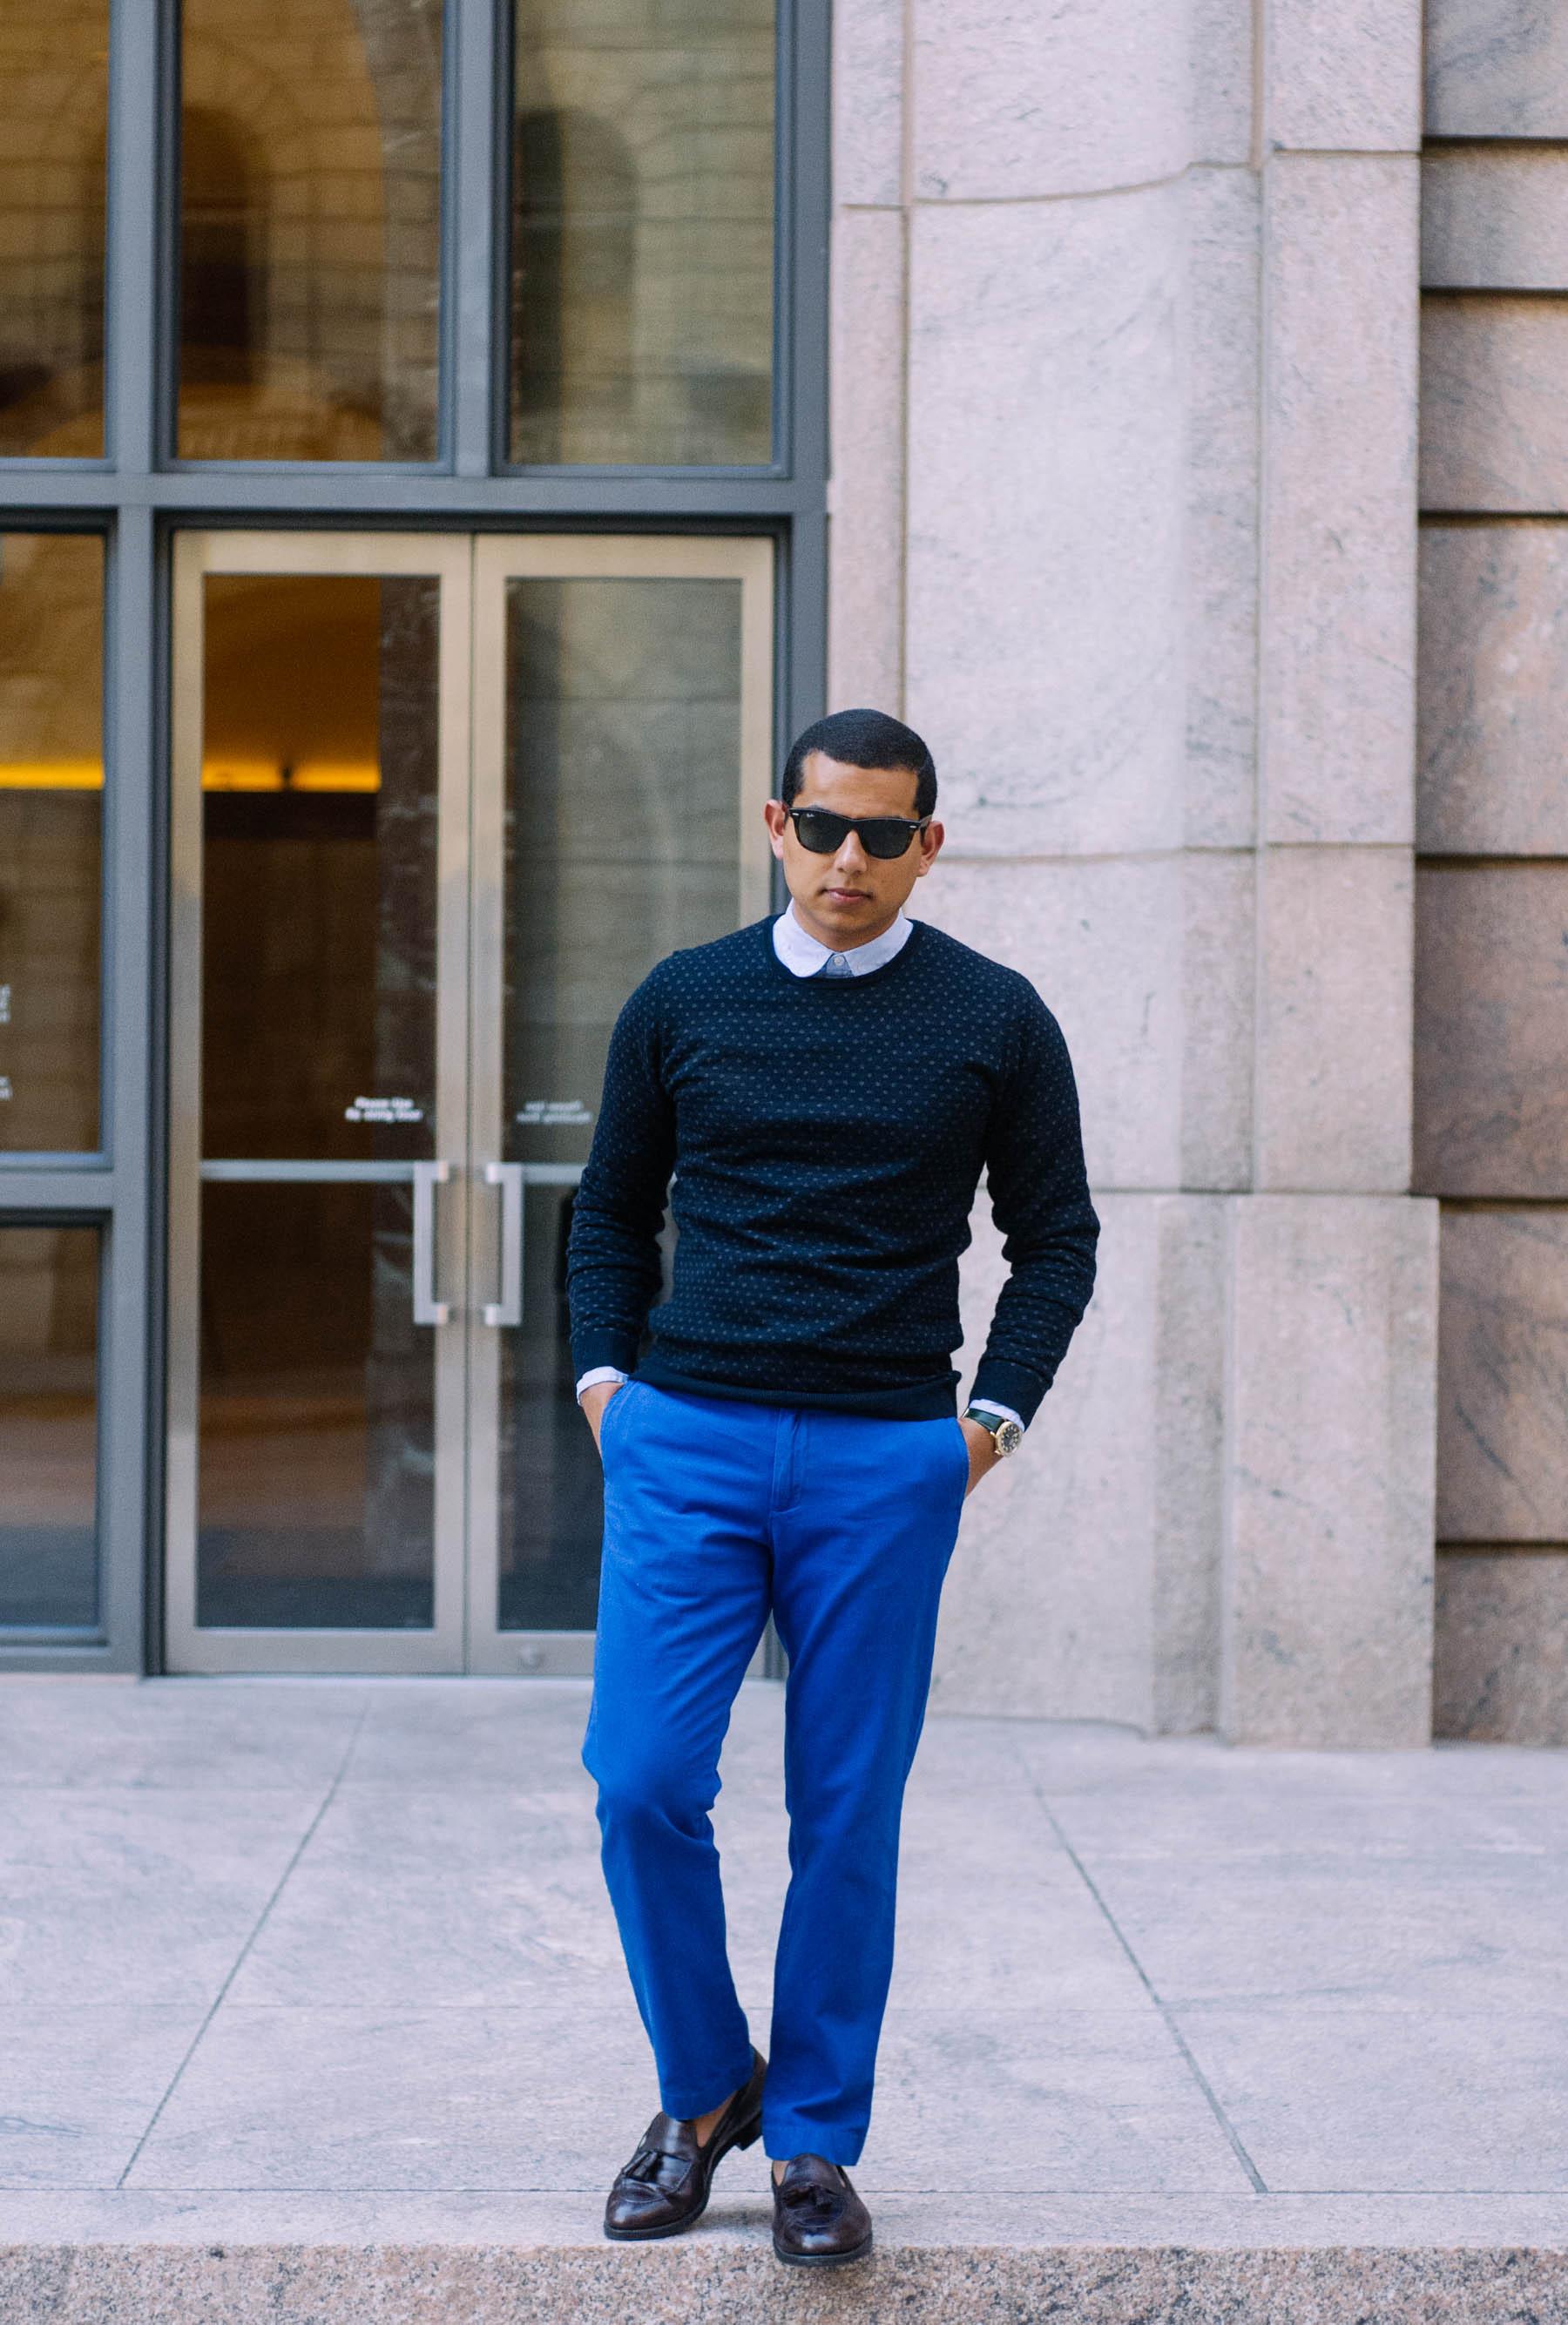 Sweater: H&M (similar  here ) | Pants: J.Crew (similar  here ) | Shirt:  J.Crew  | Shoes: Alden (similar  here ) | Sunglasses:  RayBan  | Watch:  Shinola